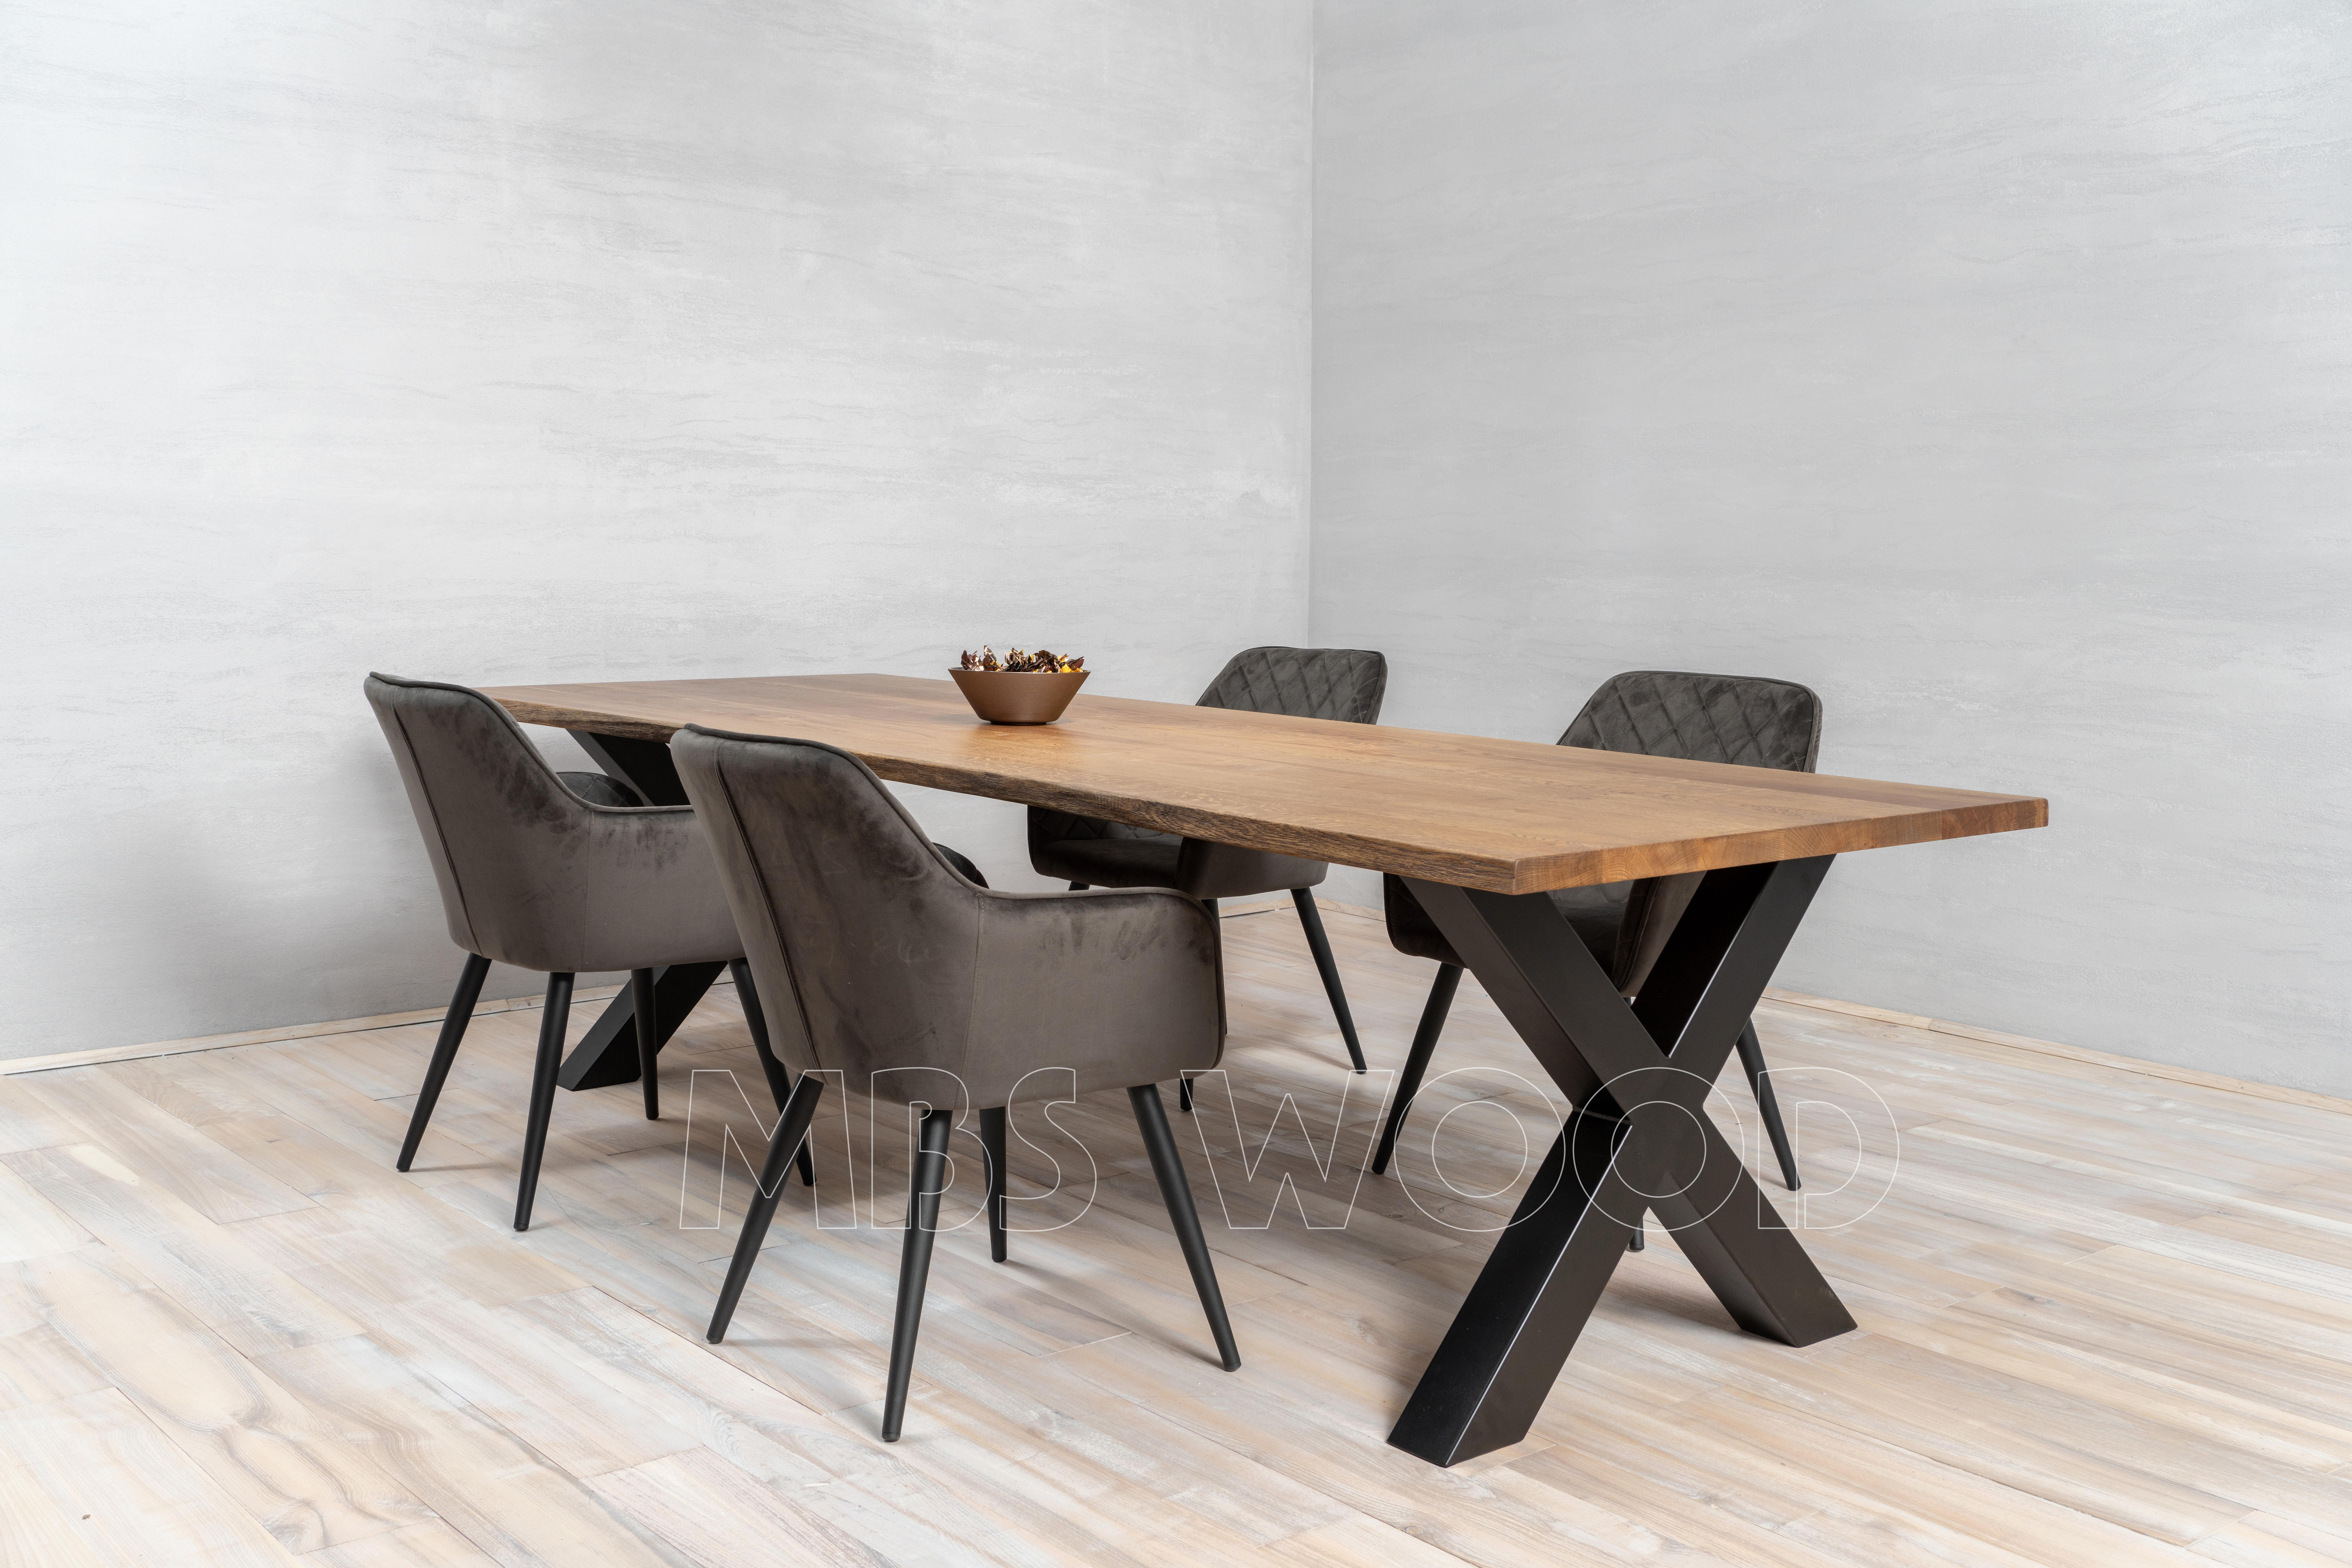 Produkcja stołów drewnianych z dębu mbswood.com